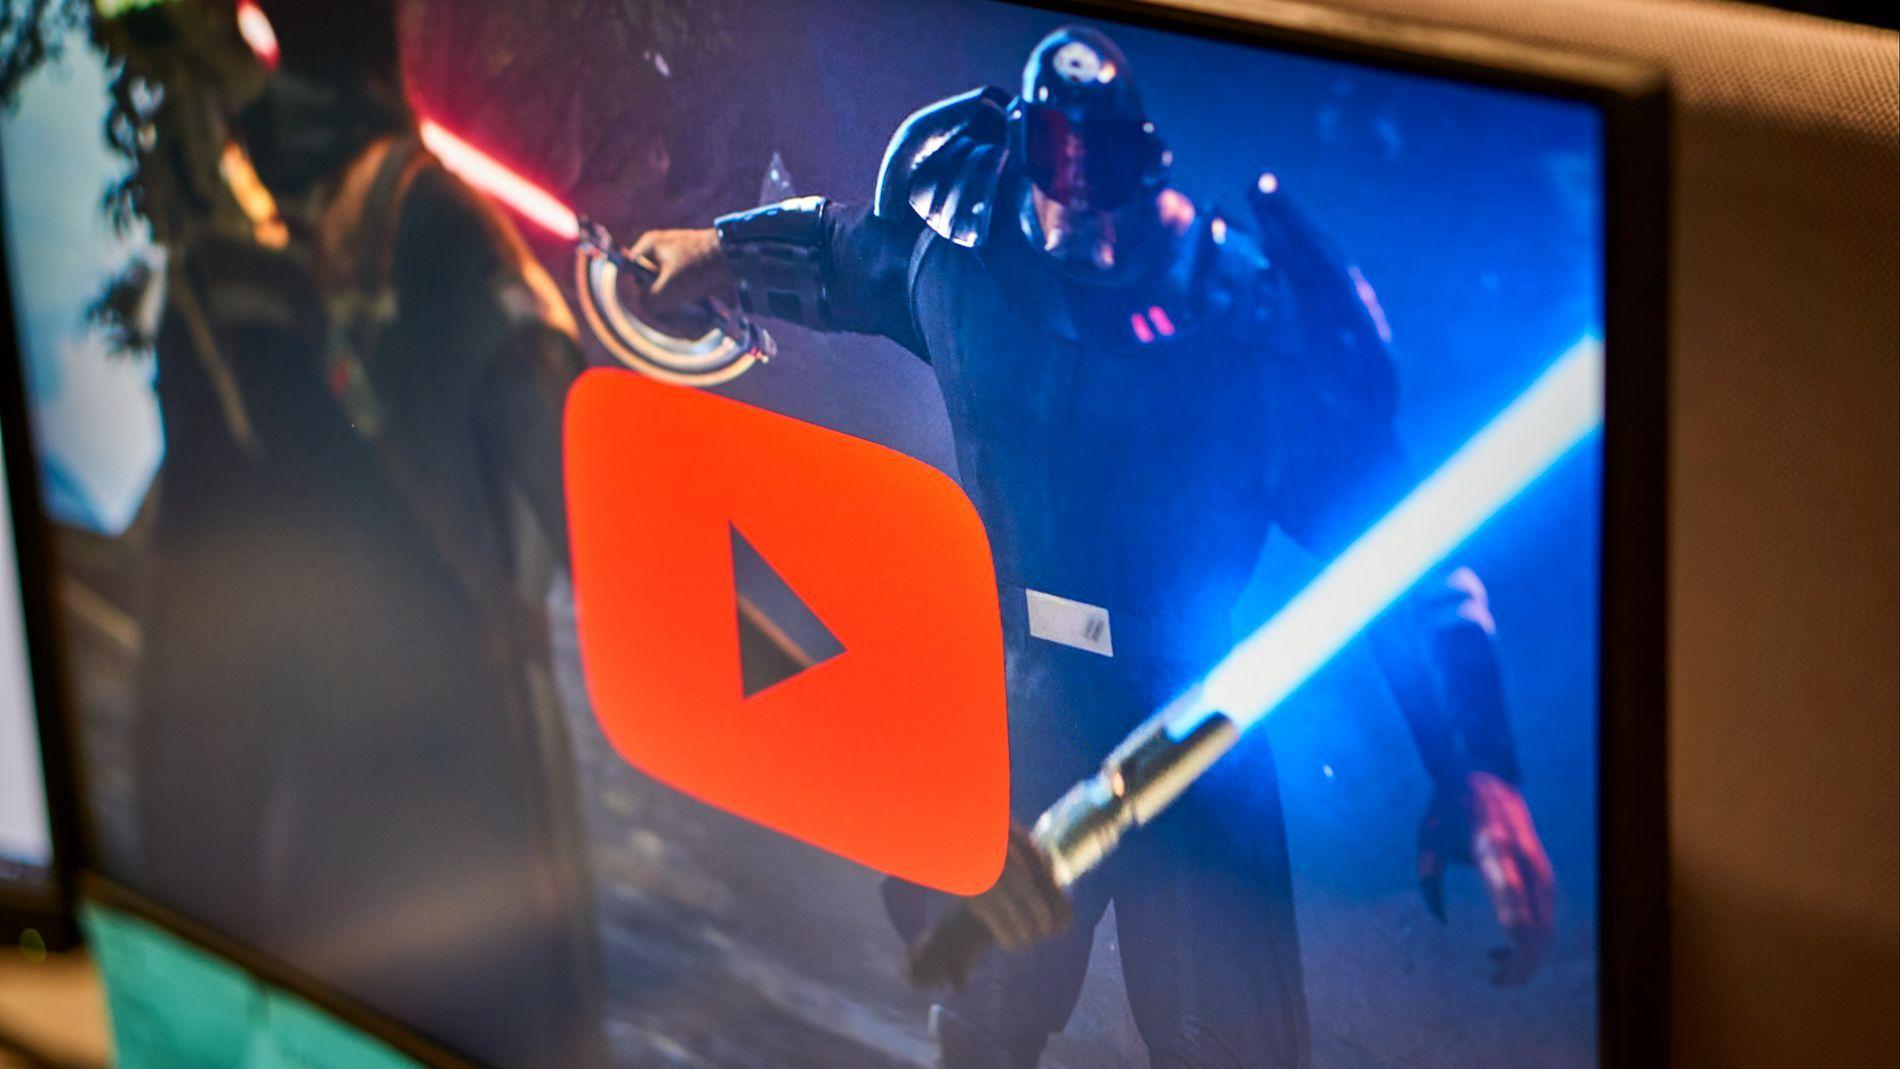 YouTube skrur ned strømmekvaliteten etter ønske fra EU